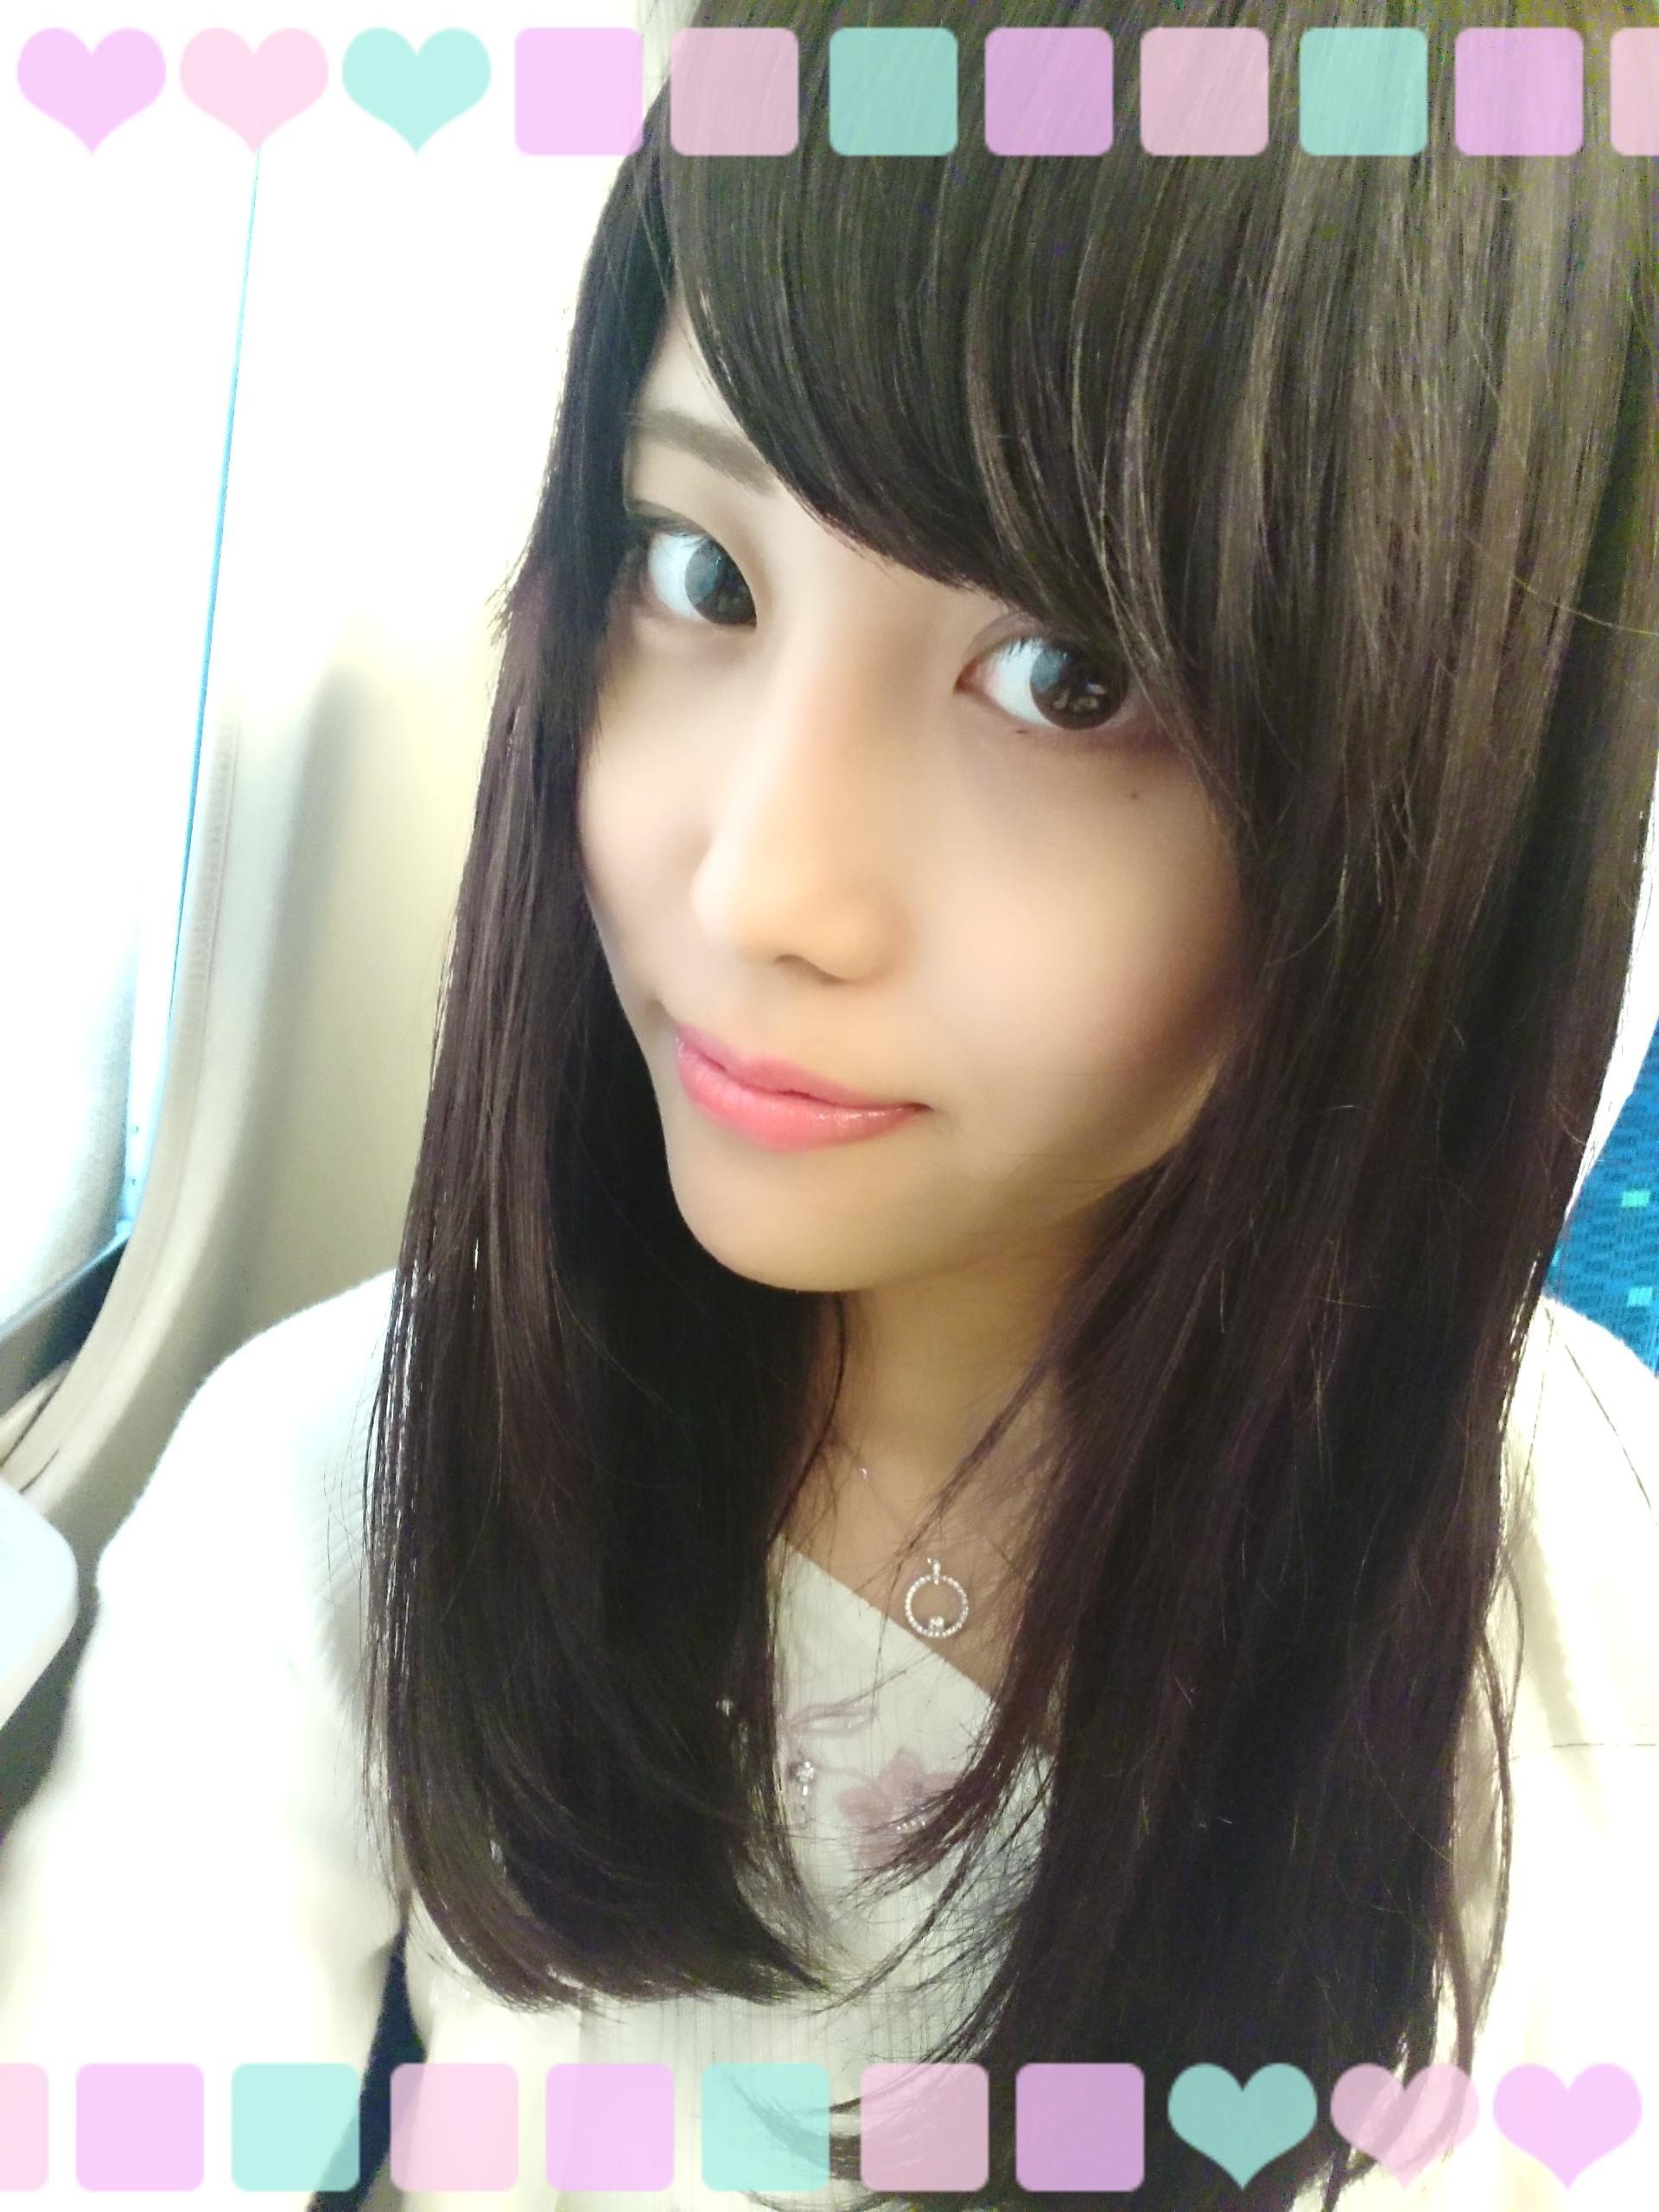 「ただいま名古屋?」11/07(水) 11:04 | 梨里花(リリカ)の写メ・風俗動画